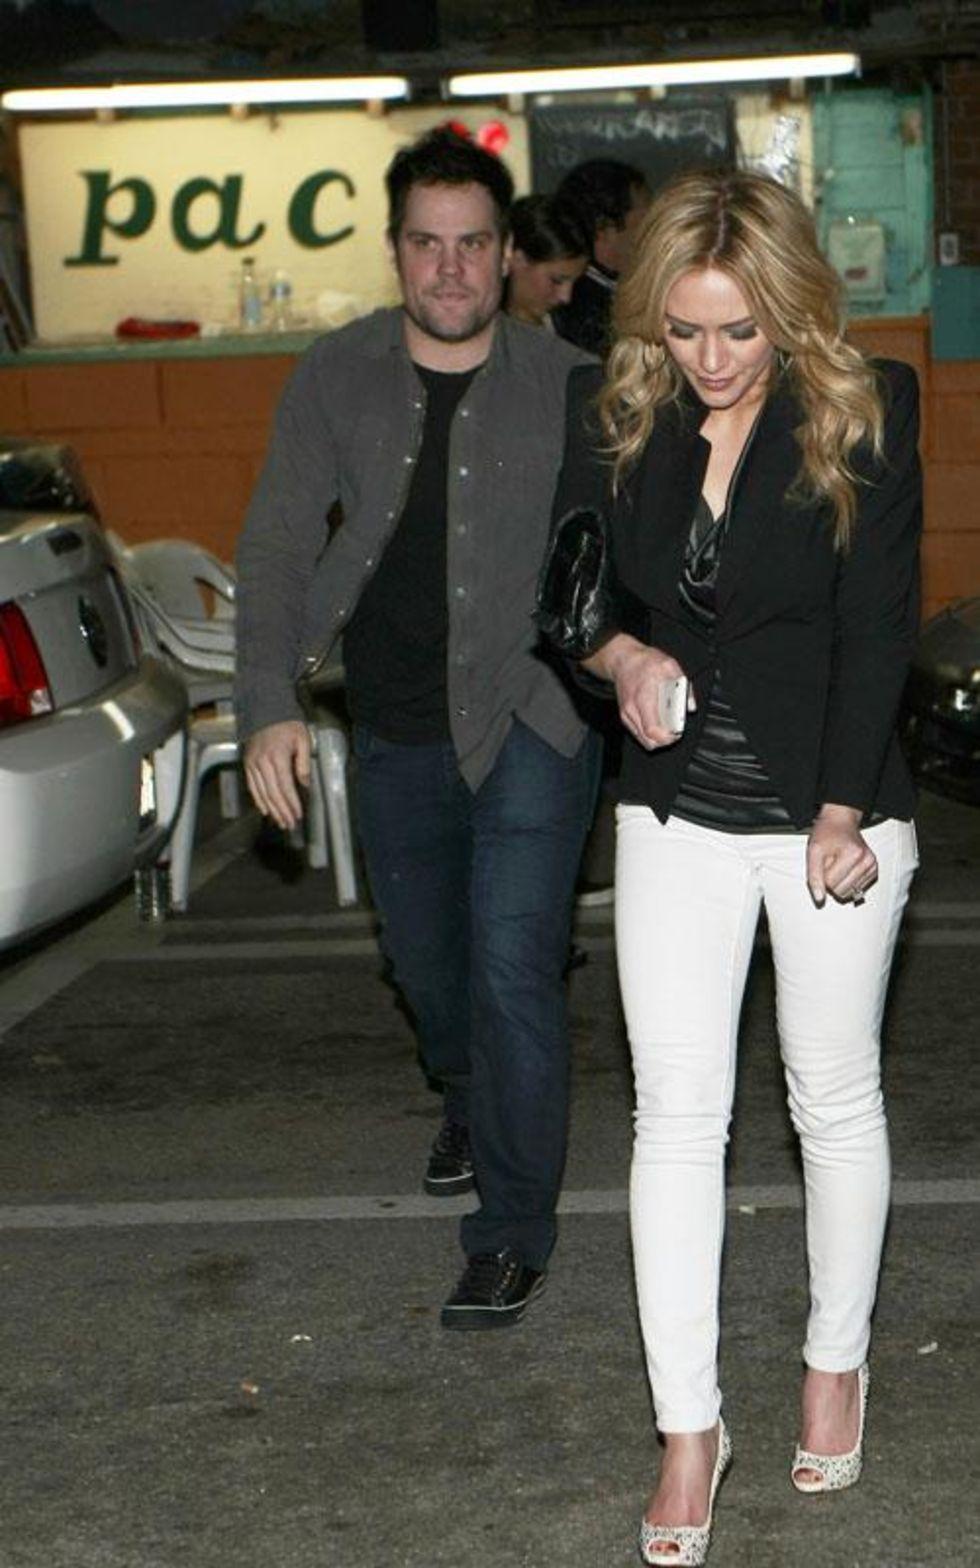 Hilary Duff 2010 : hilary-duff-leggy-in-white-tight-pants-12